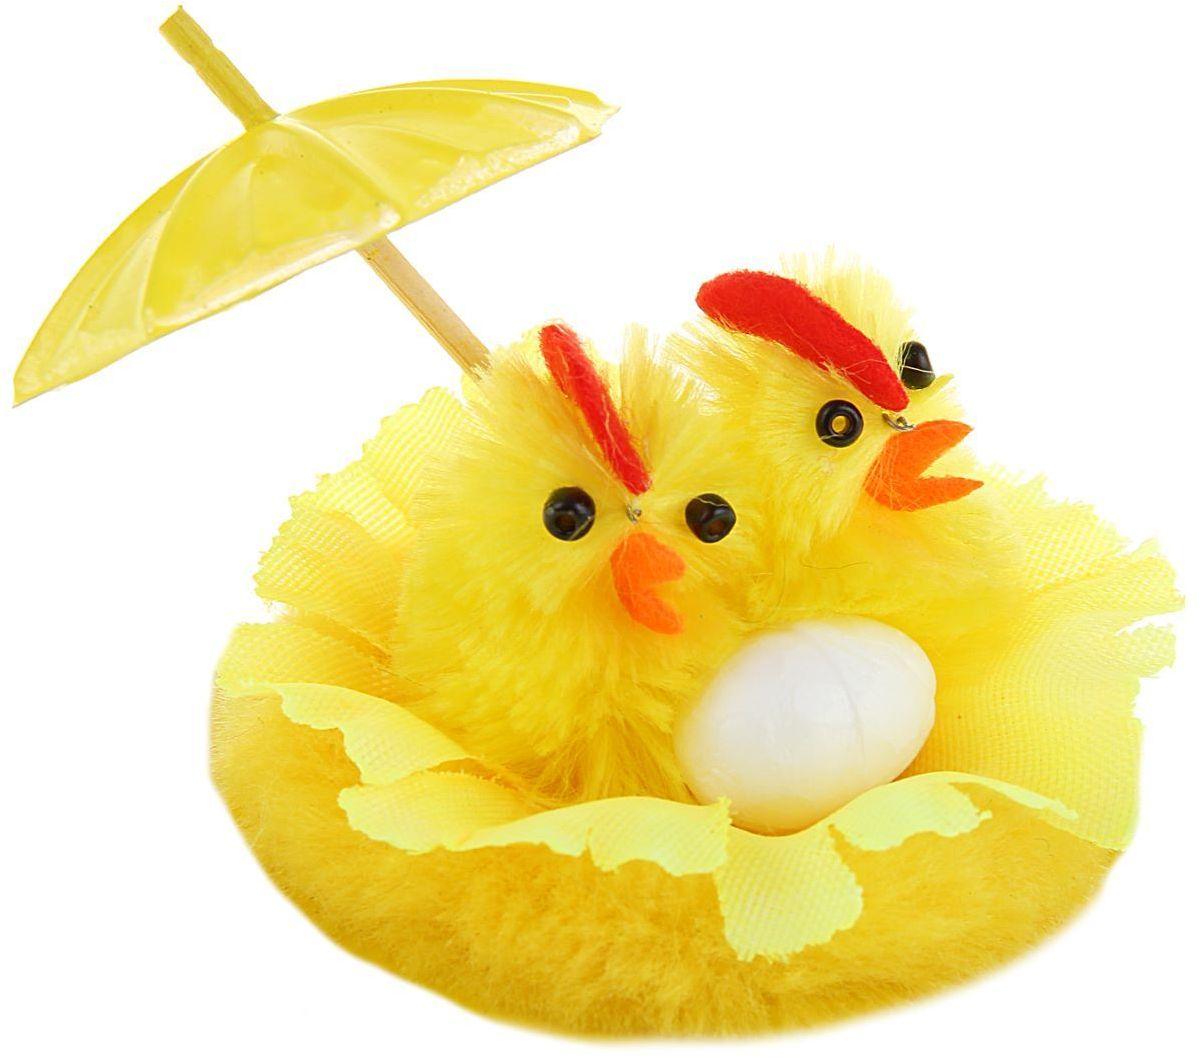 Сувенир пасхальный Sima-land Цыплята с зонтиком, 7 х 7 х 4,5 см1152484Сувенир Цыплята с зонтиком — самый популярный пасхальный декор. Фигурками цып принято декорировать праздничный пасхальный стол во многих странах мира. Россия не исключение. Вы можете украсить таким замечательным сувениром тарелку гостей, превратив её в гнездо. Или преподнести его в качестве подарка близкому человеку. Удивите себя и родных!